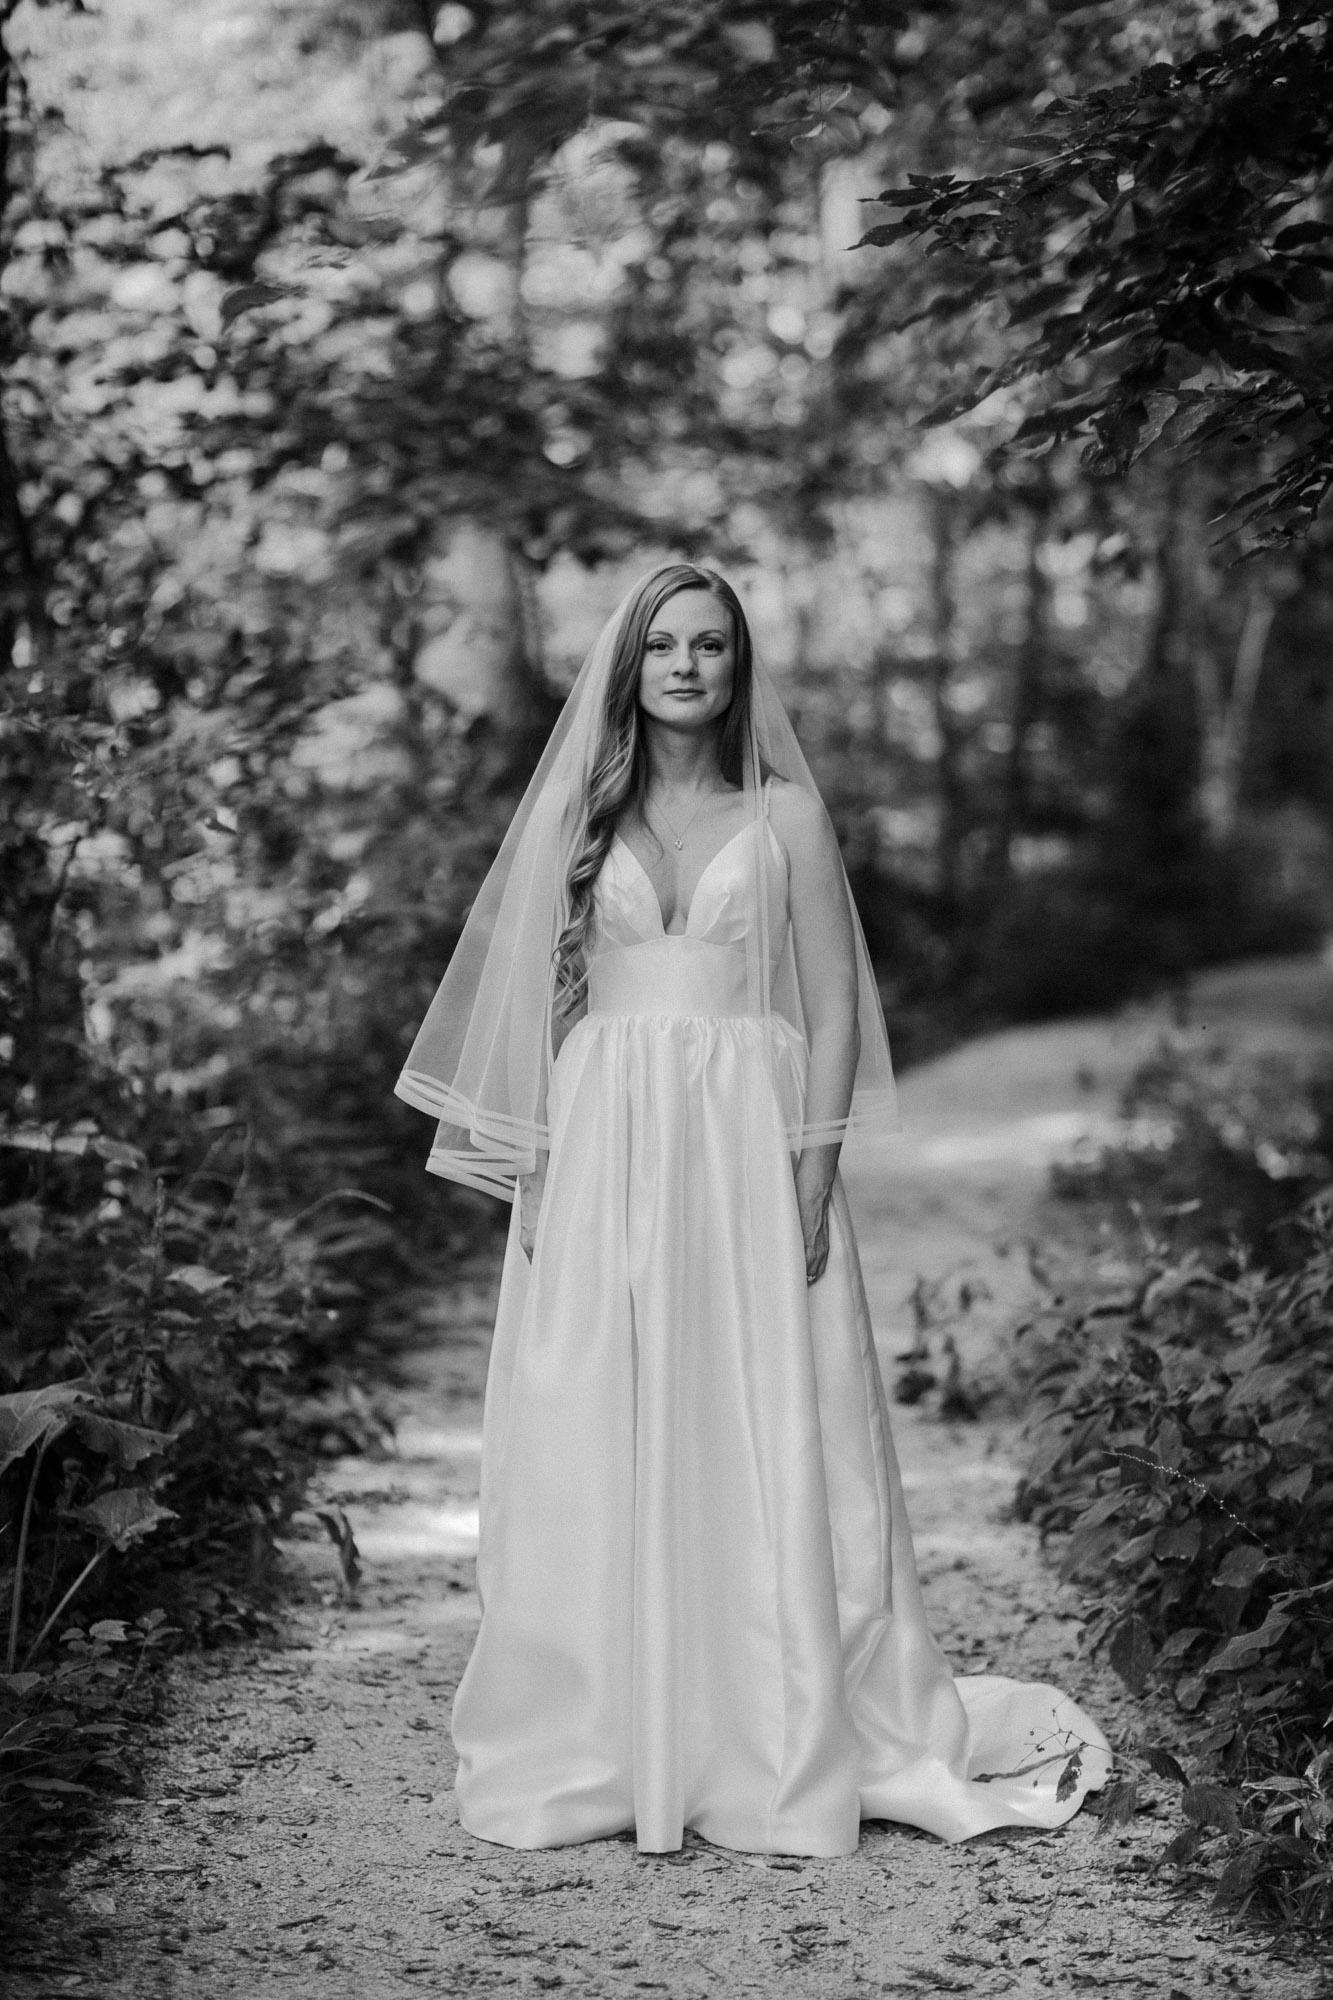 elmwood-park-wedding-photographer-nicole-jon-12.jpg